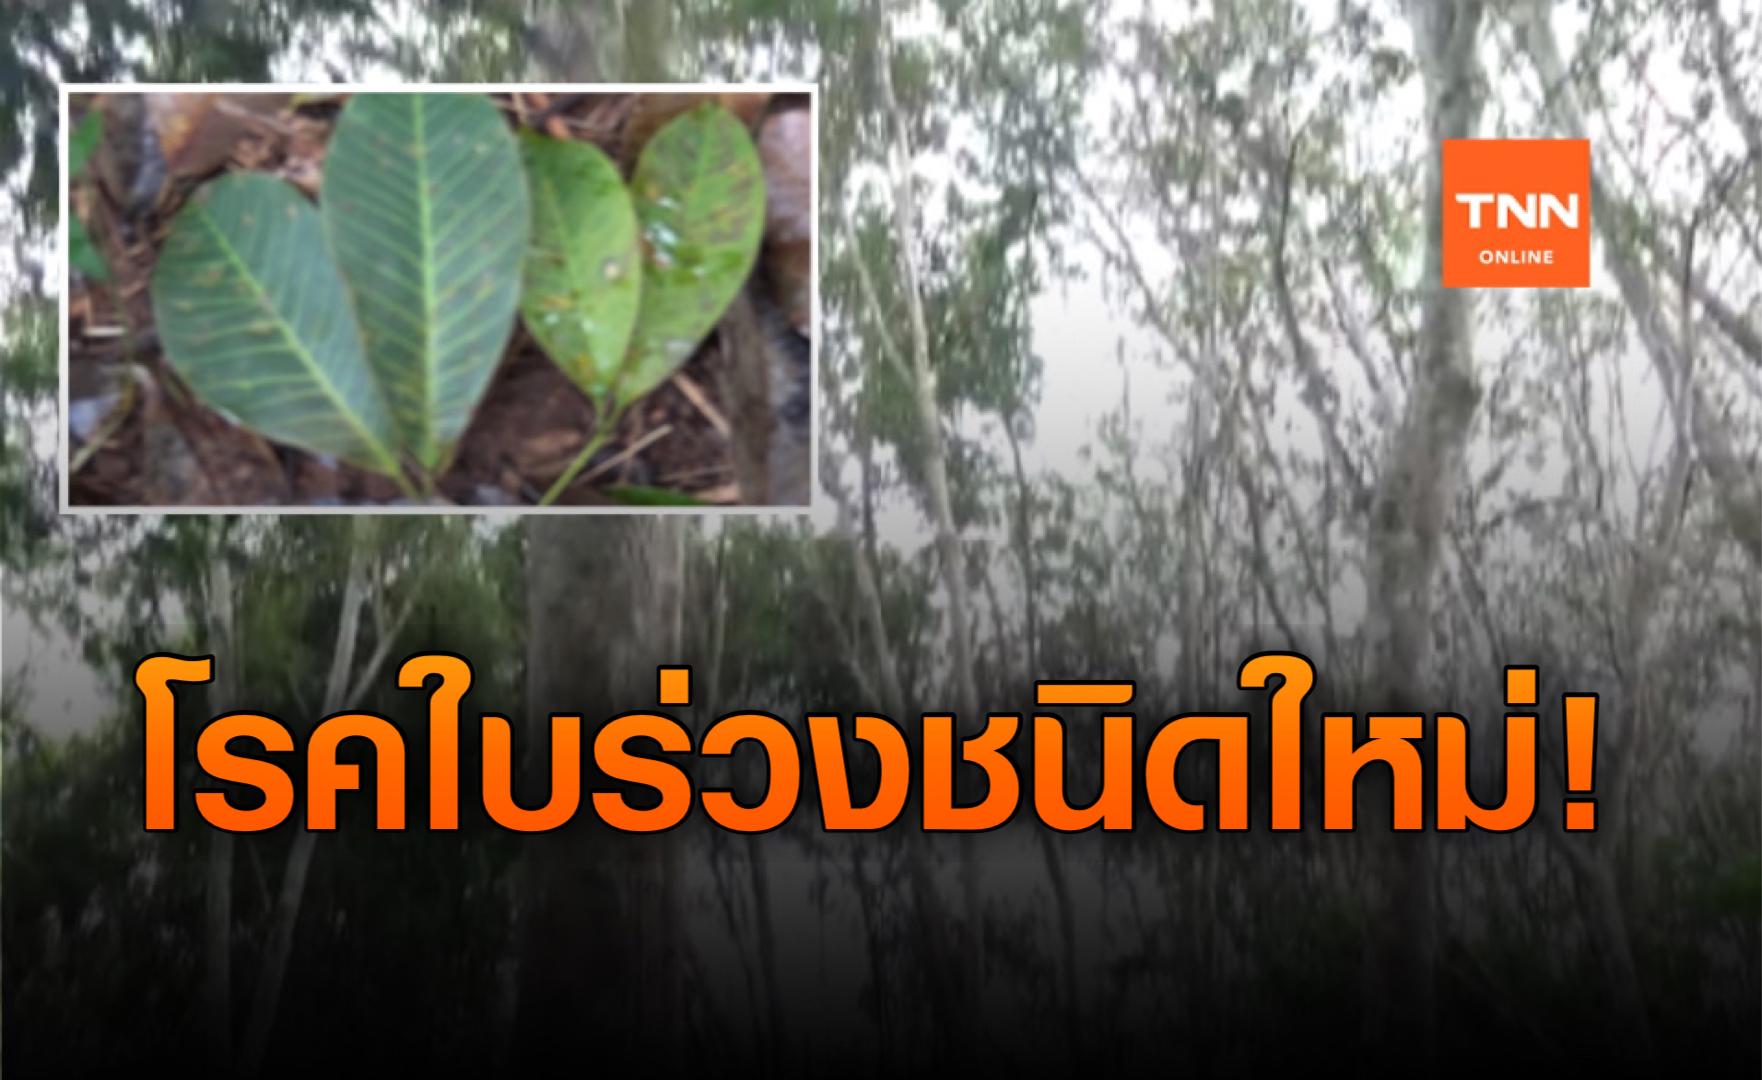 โรคใบร่วงชนิดใหม่ระบาดต้นยางพารา 10 จังหวัดภาคใต้-เสียหาย 7 แสนไร่